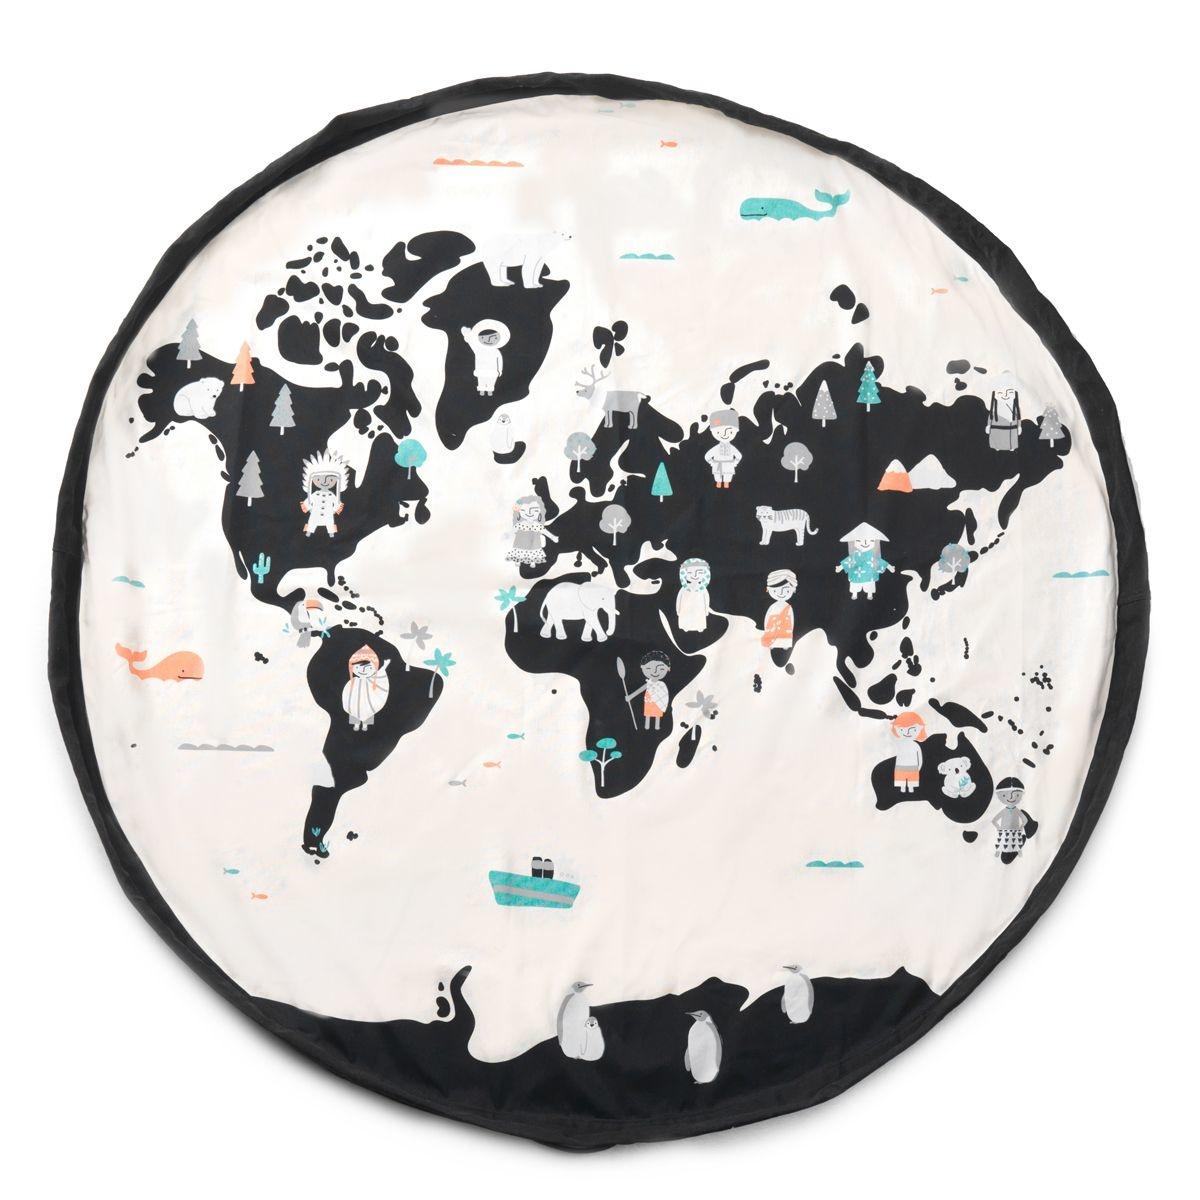 Tapis D Éveil Sac A Jouets play & go - sac de rangement et tapis de jeu , carte du monde